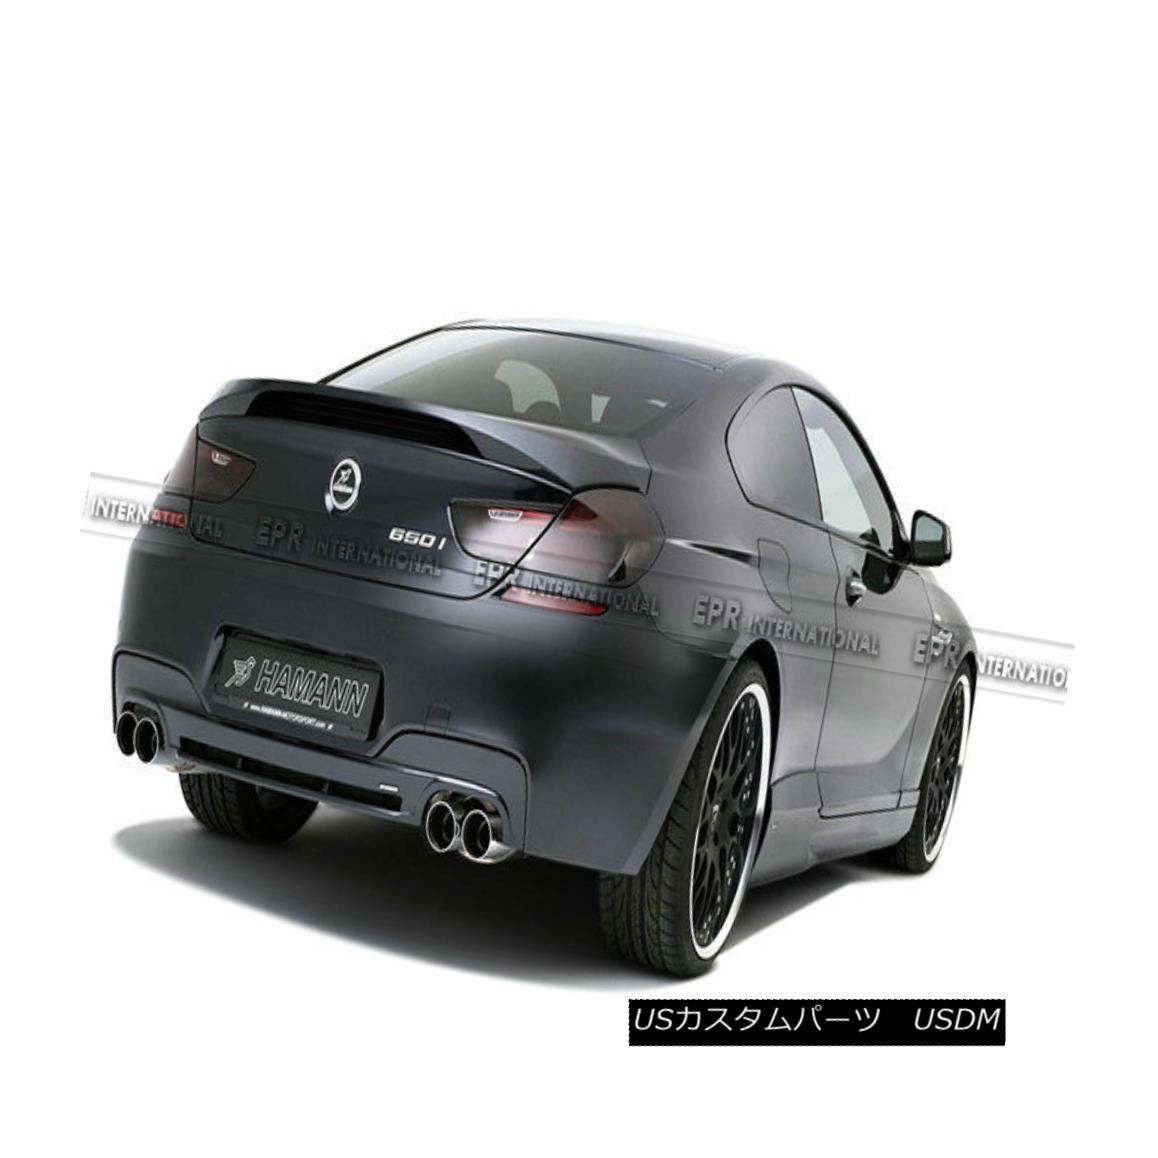 エアロパーツ Carbon Fiber Rear Spoiler Trunk Wing Lip Kit For BMW F12 F13 6 Series H Style カーボンファイバーリアスポイラートランクウィングリップキットfor BMW F12 F13 6シリーズHスタイル